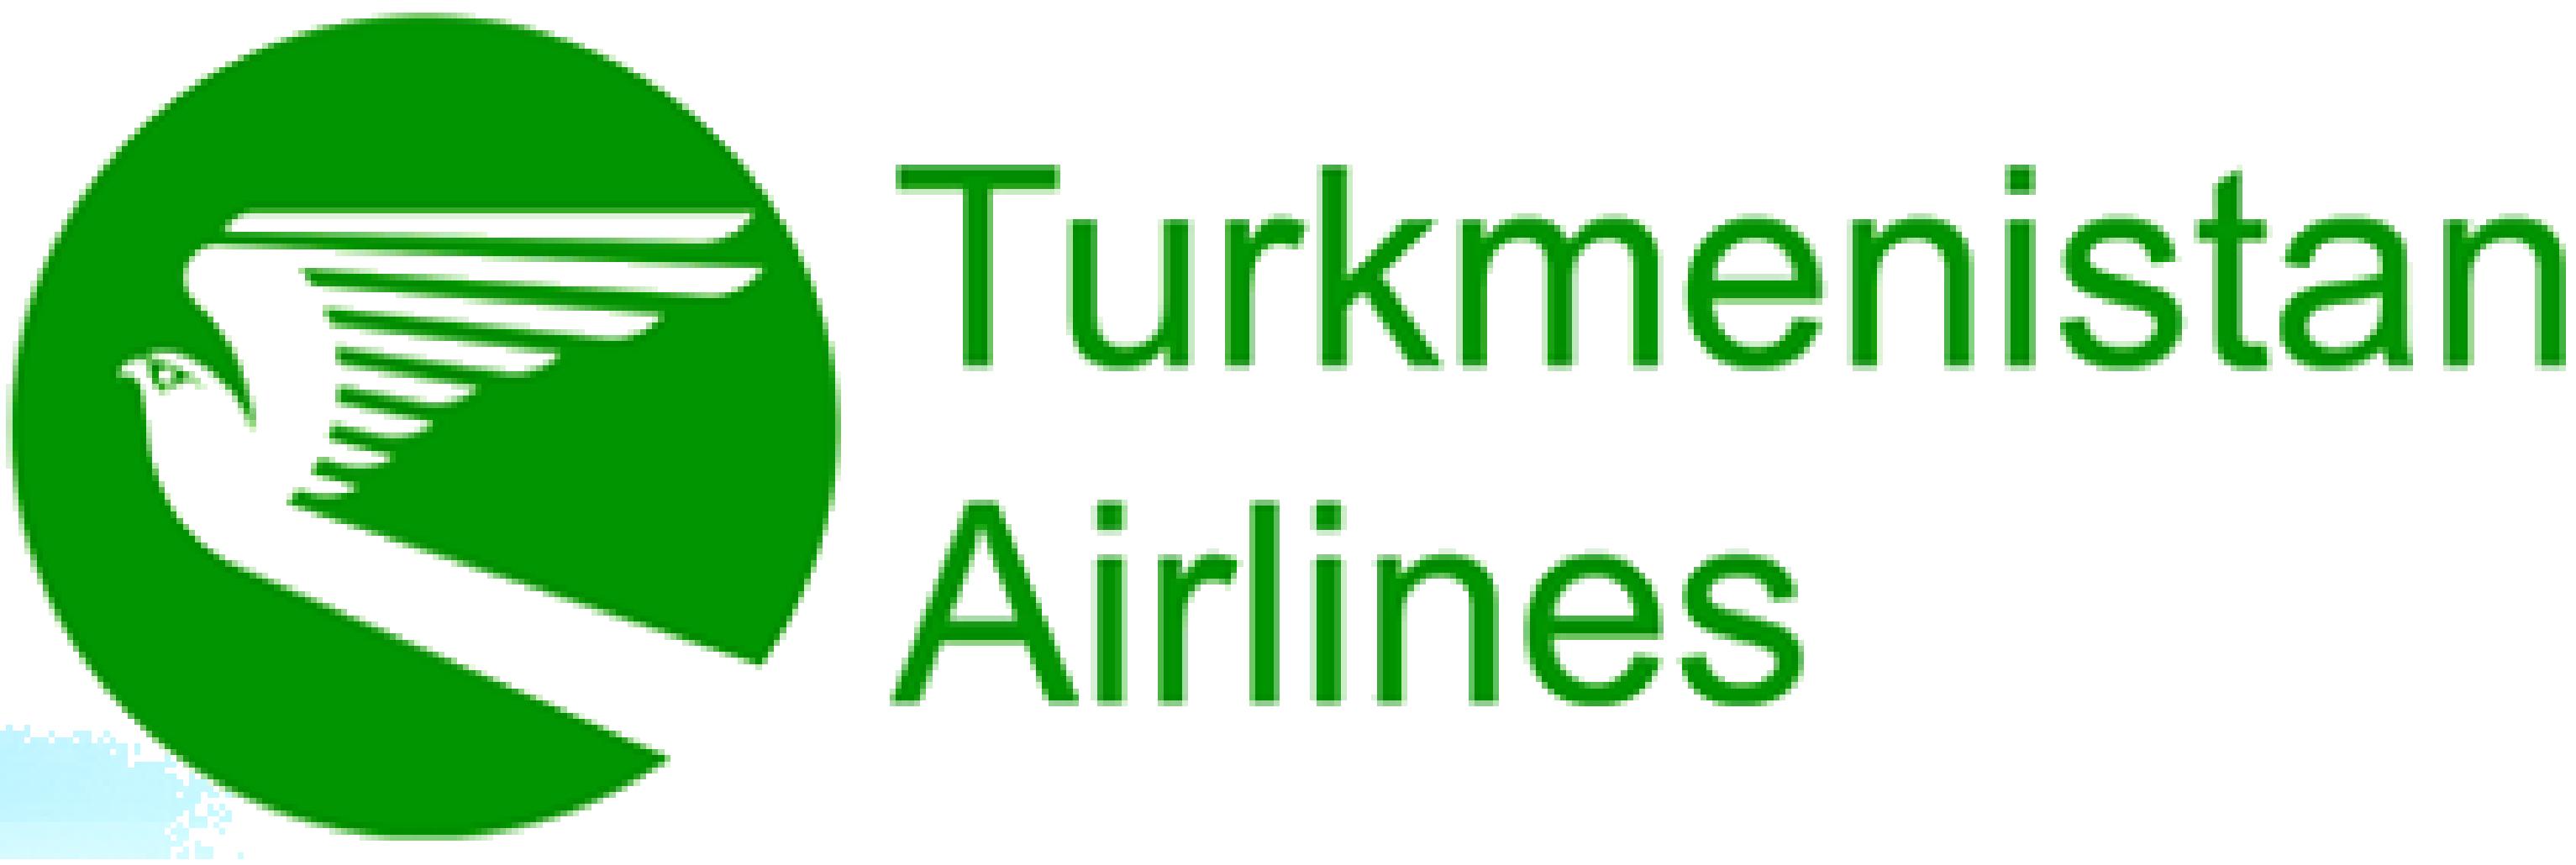 744008, Туркменистан, г. Ашхабад, аэропорт